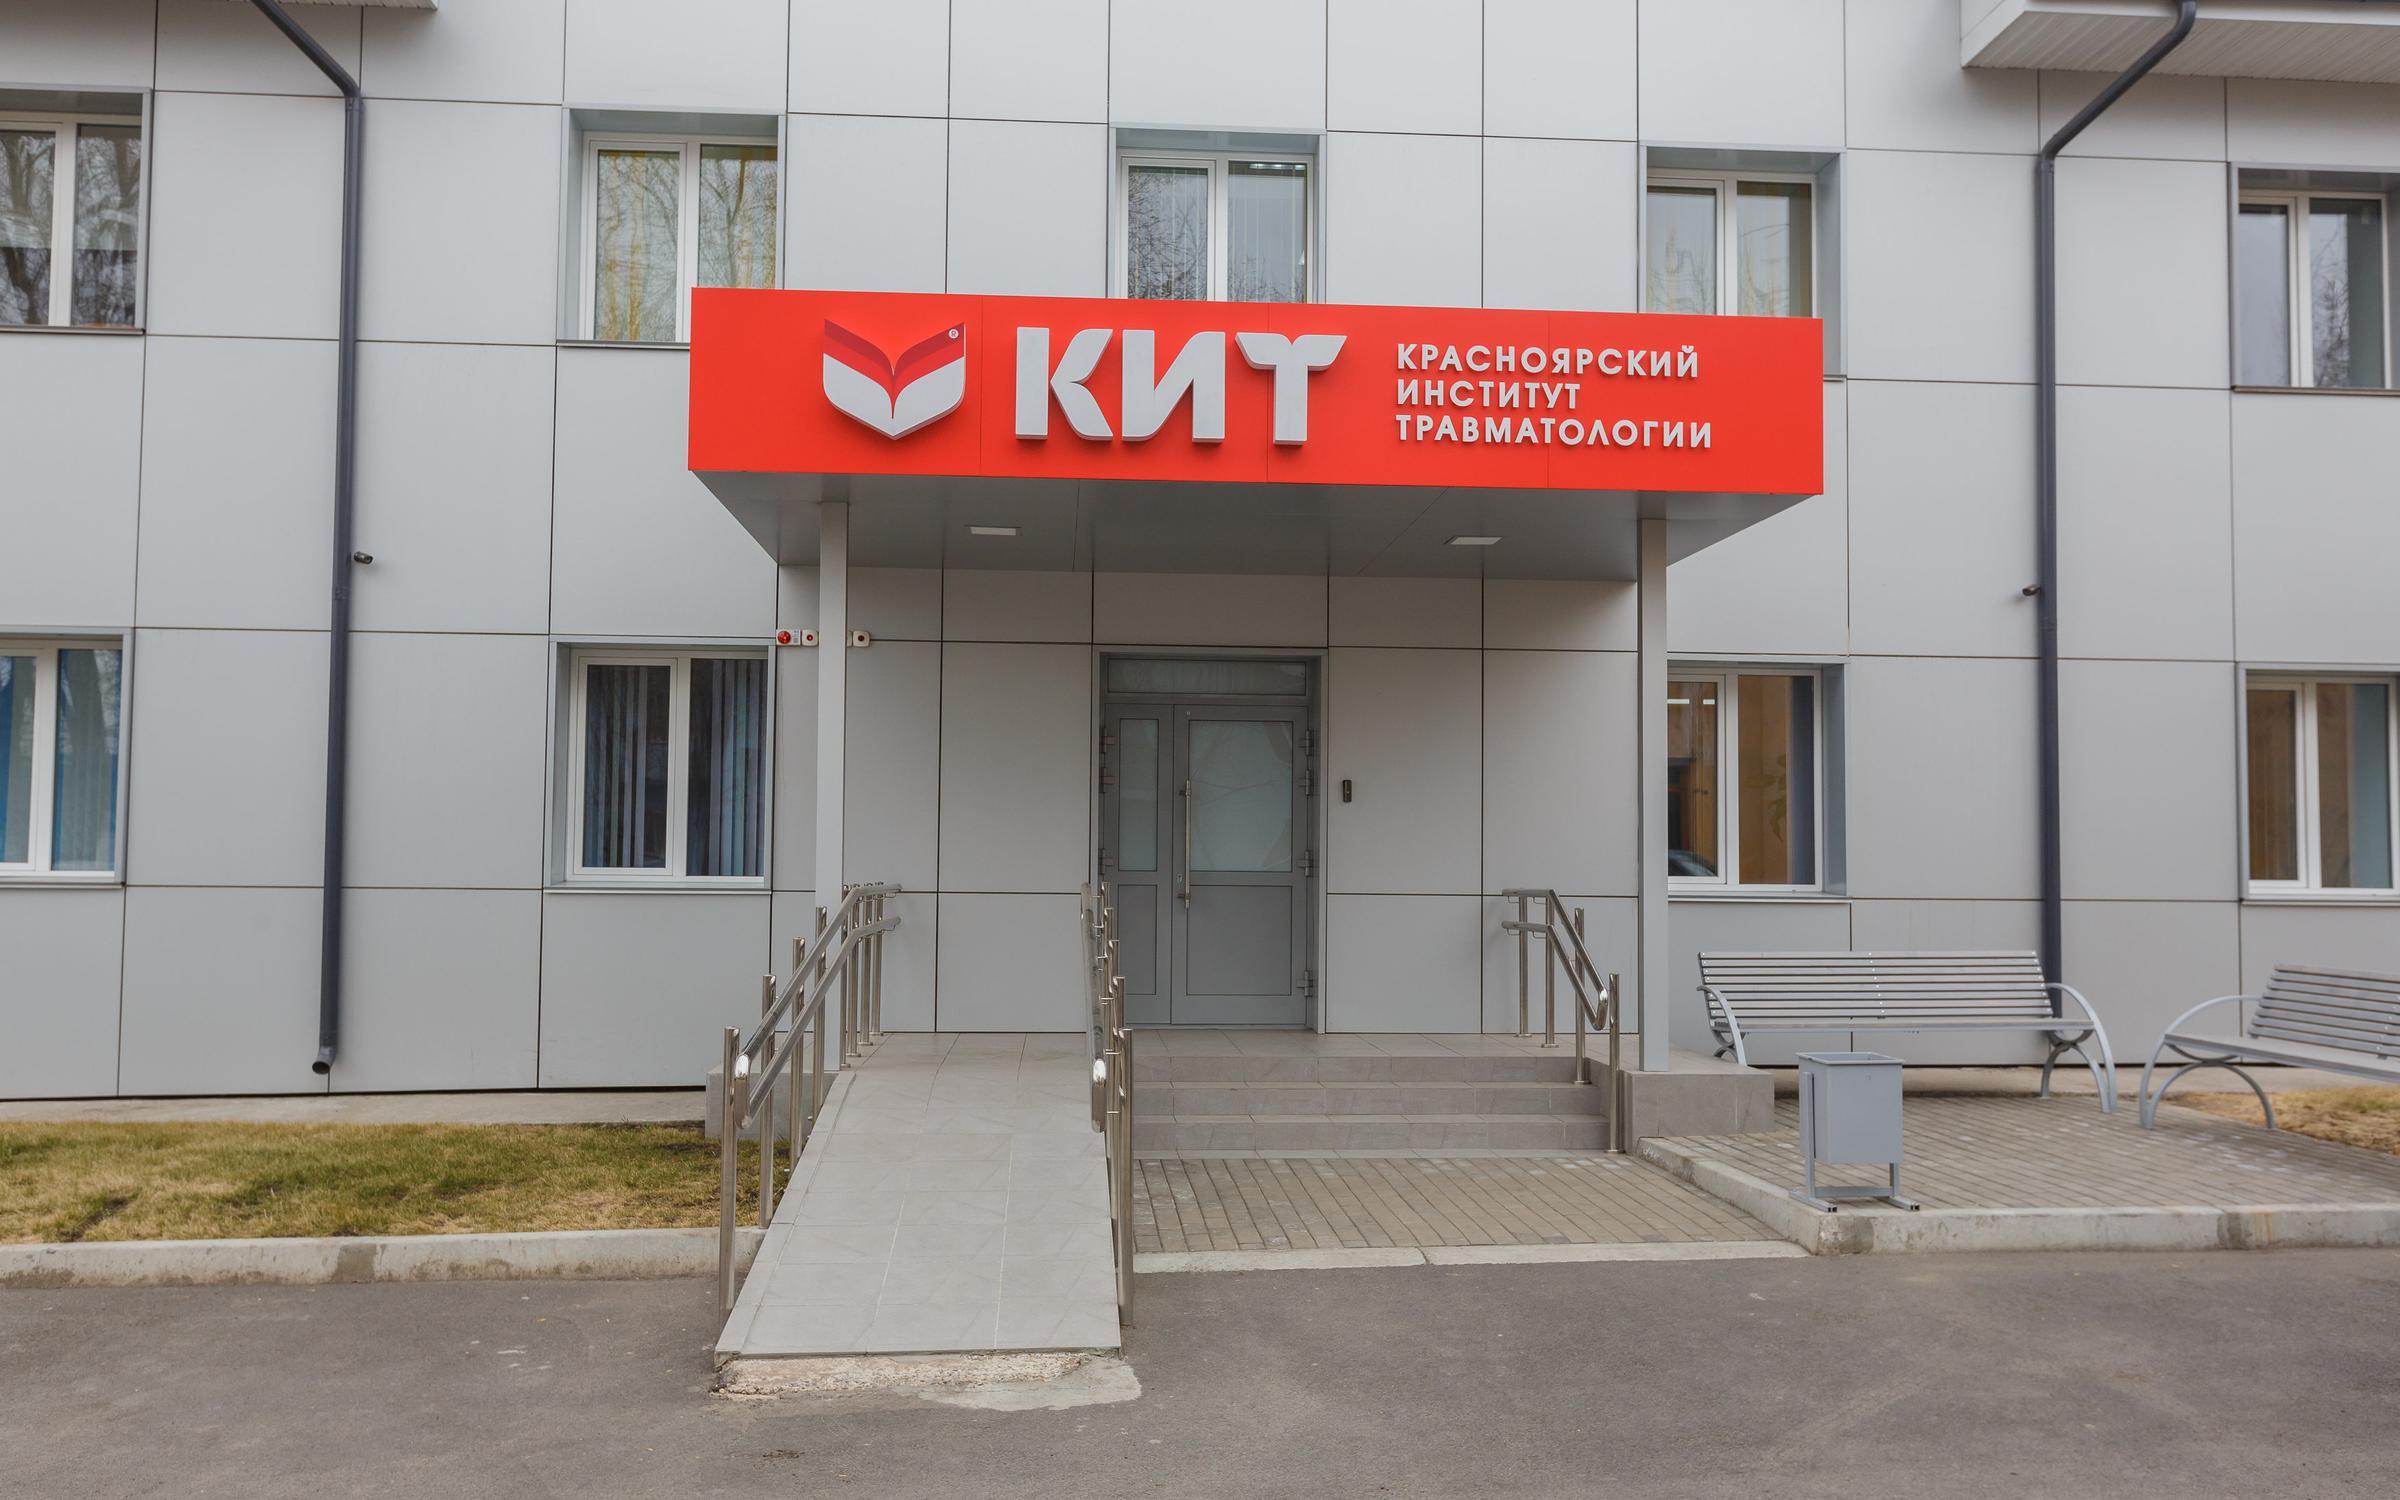 фотография Красноярский институт травматологии КИТ